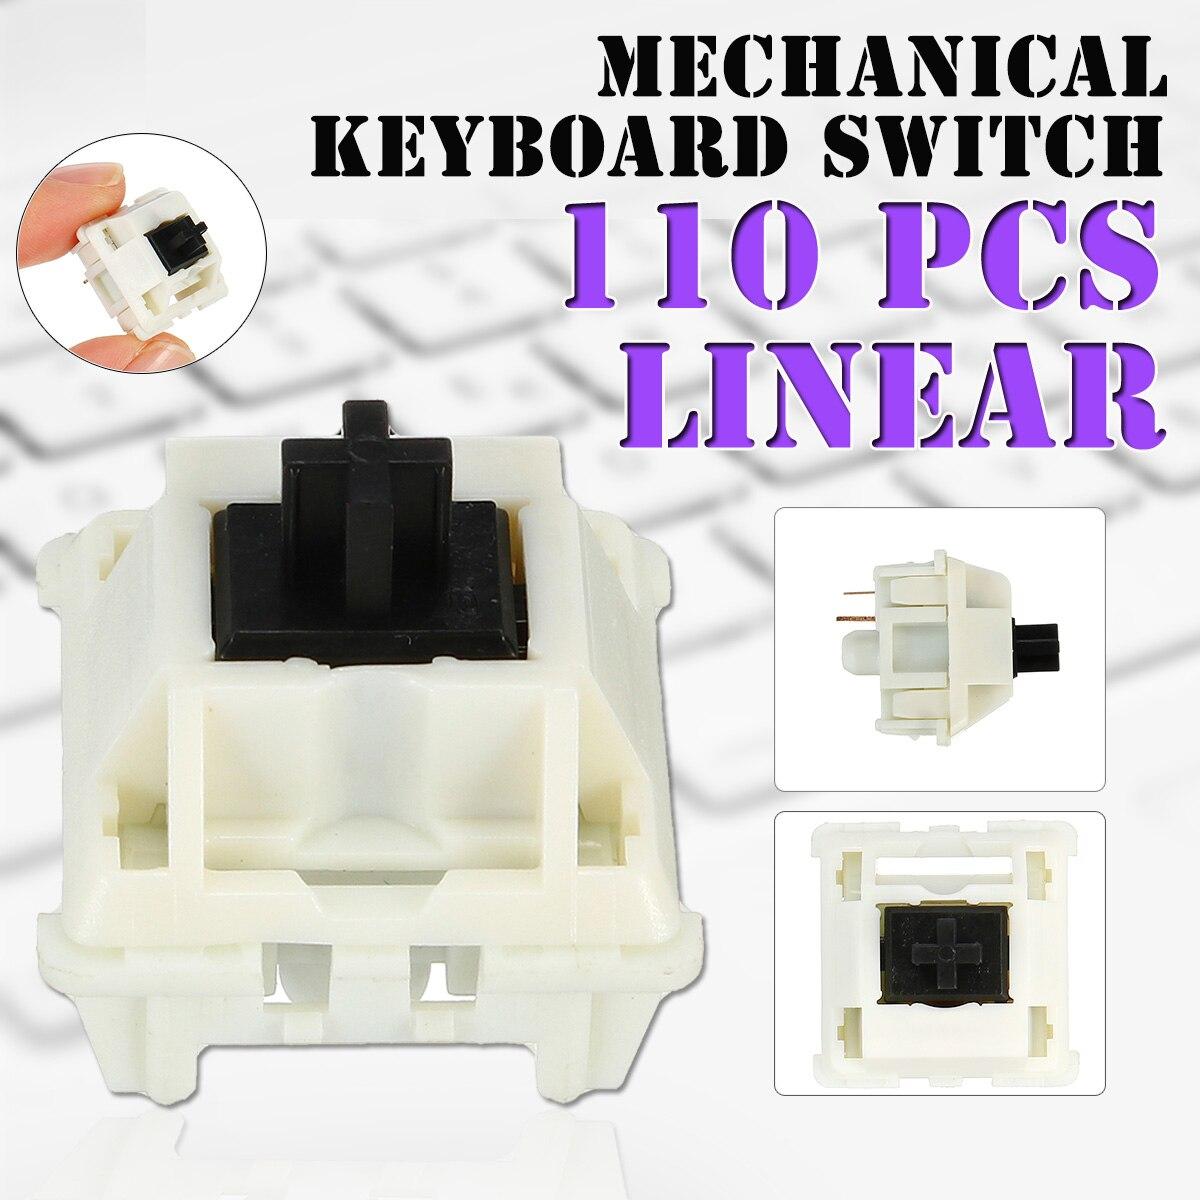 لوحة مفاتيح ميكانيكية بديلة بـ 110 مفتاحًا ، 3 سنون ، عمود لوحة مفاتيح ميكانيكي DIY مثل الباندا المقدسة